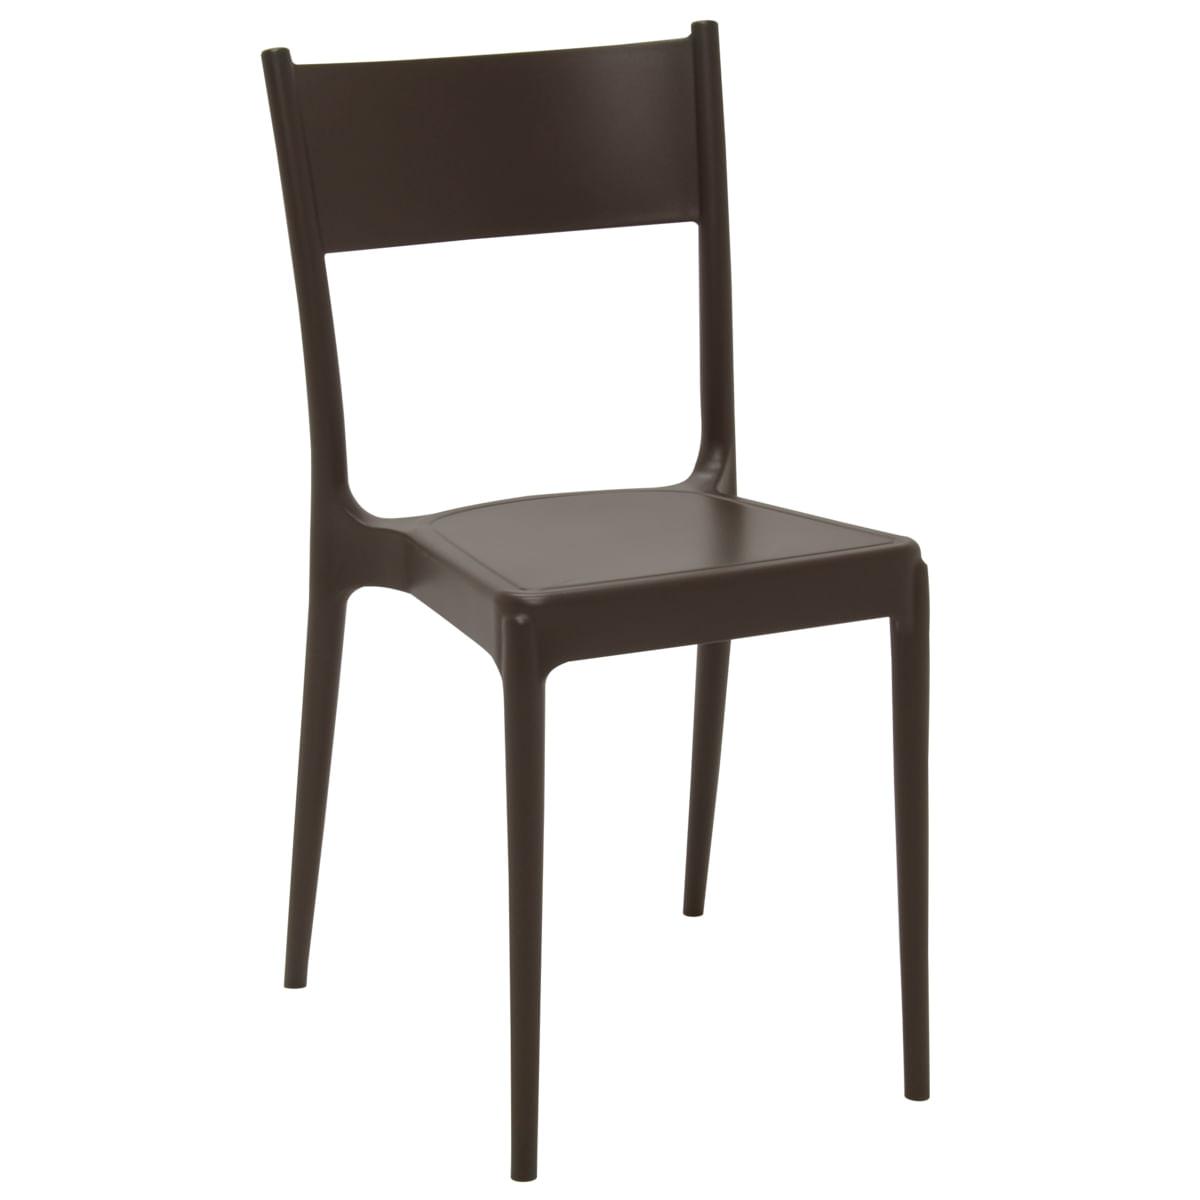 Cadeira Tramontina Diana ECO em Polipropileno Reciclado Marrom